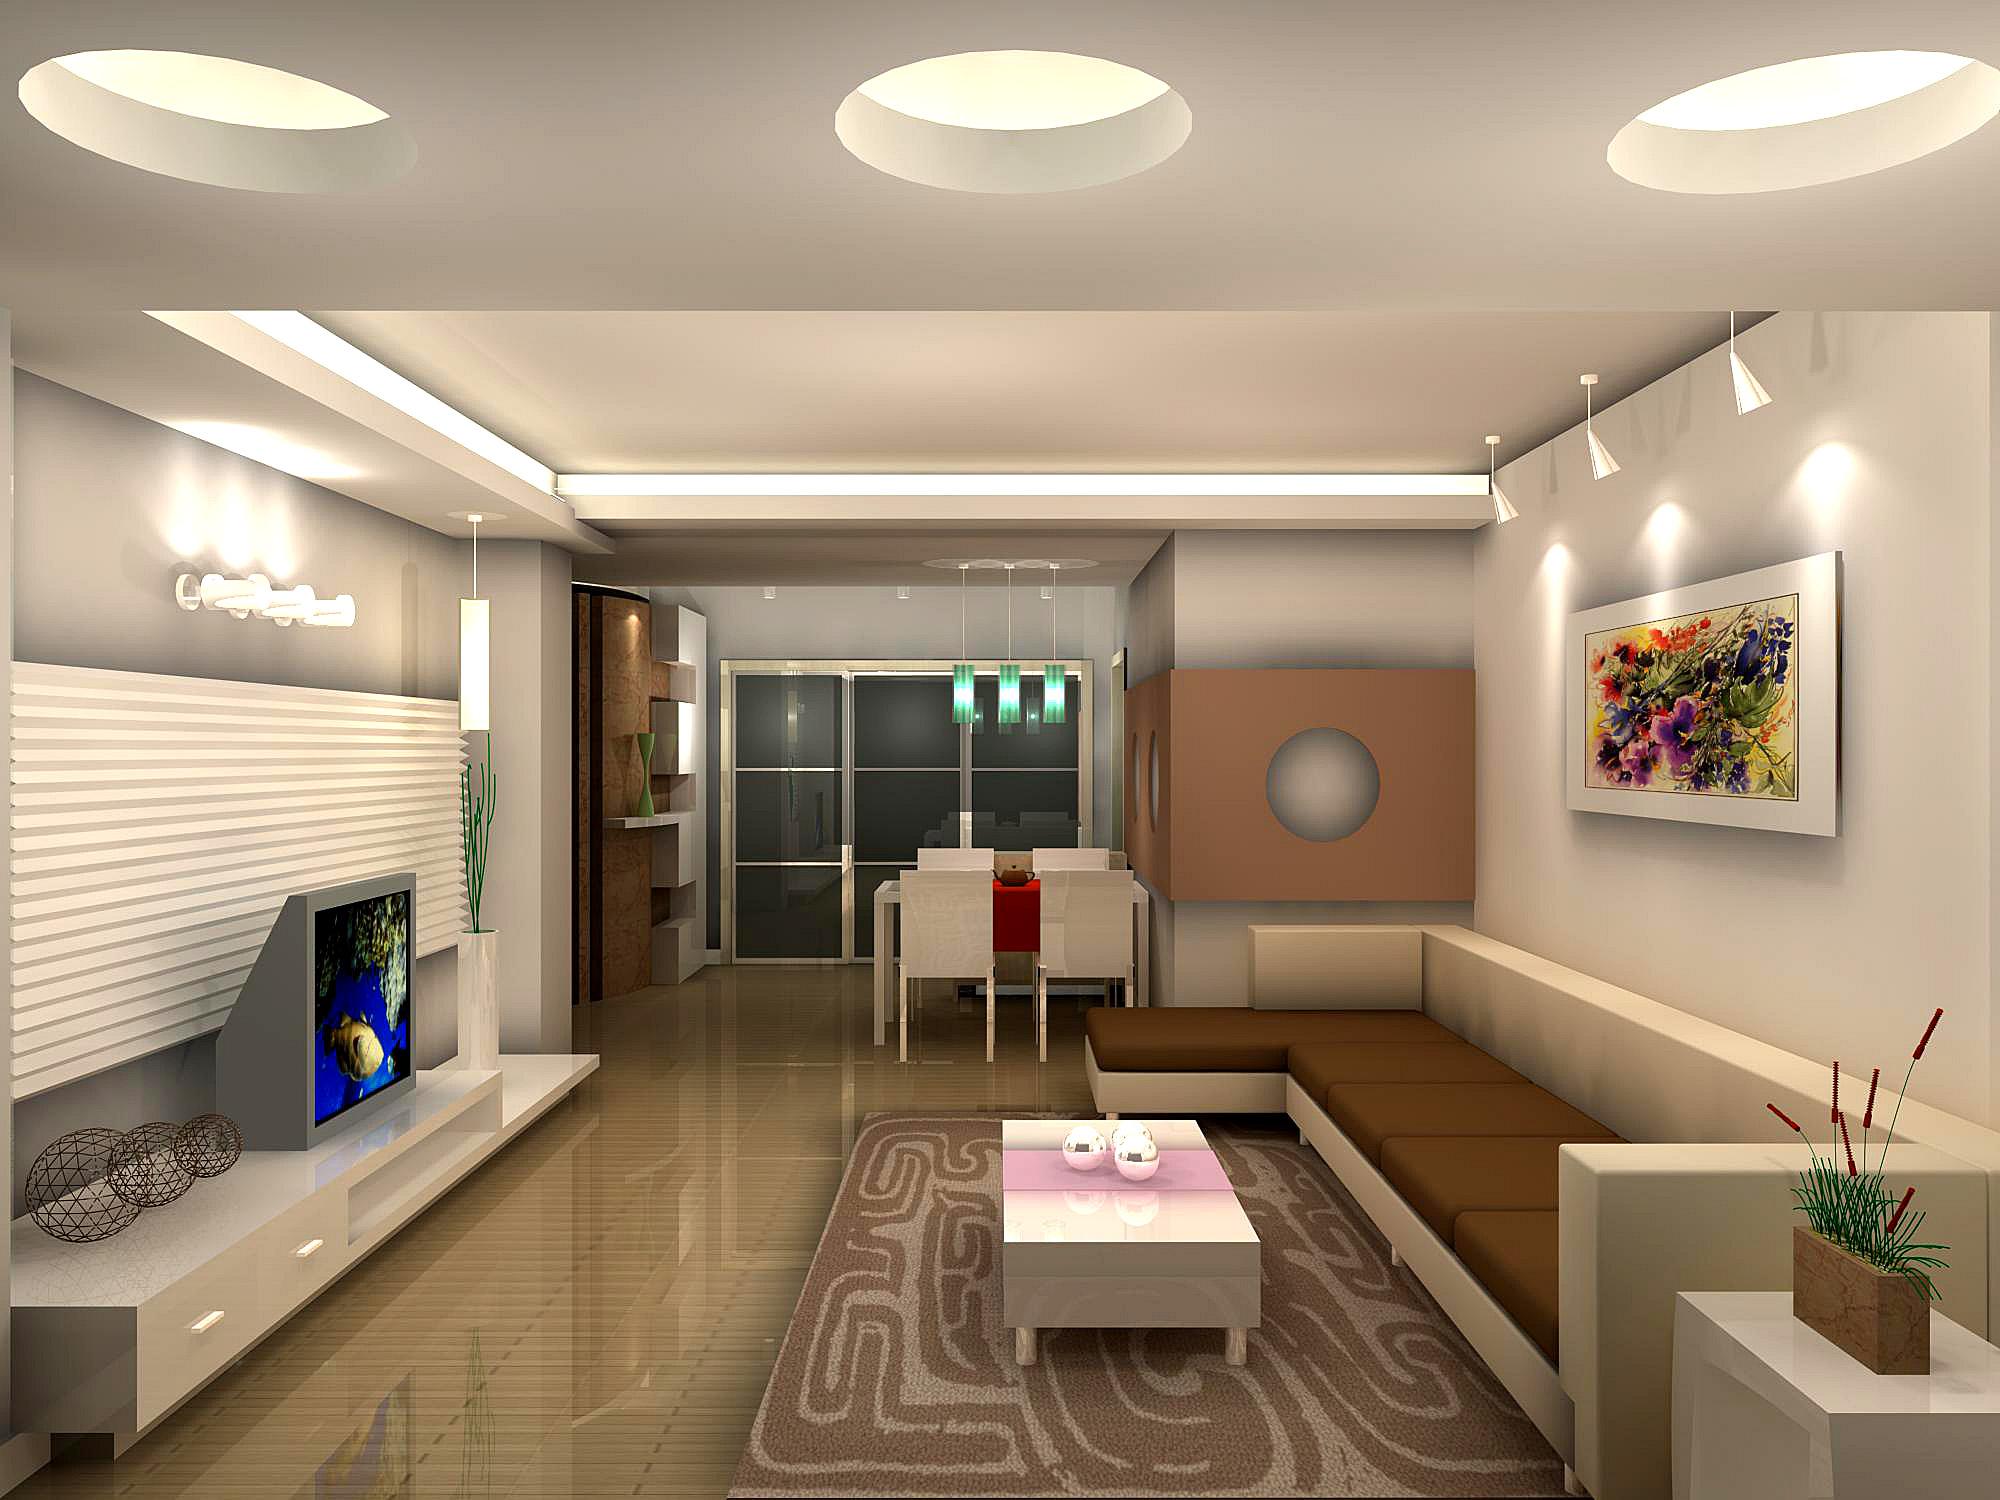 家庭客厅设计图片-客厅装修效果图-八六(中国)装饰